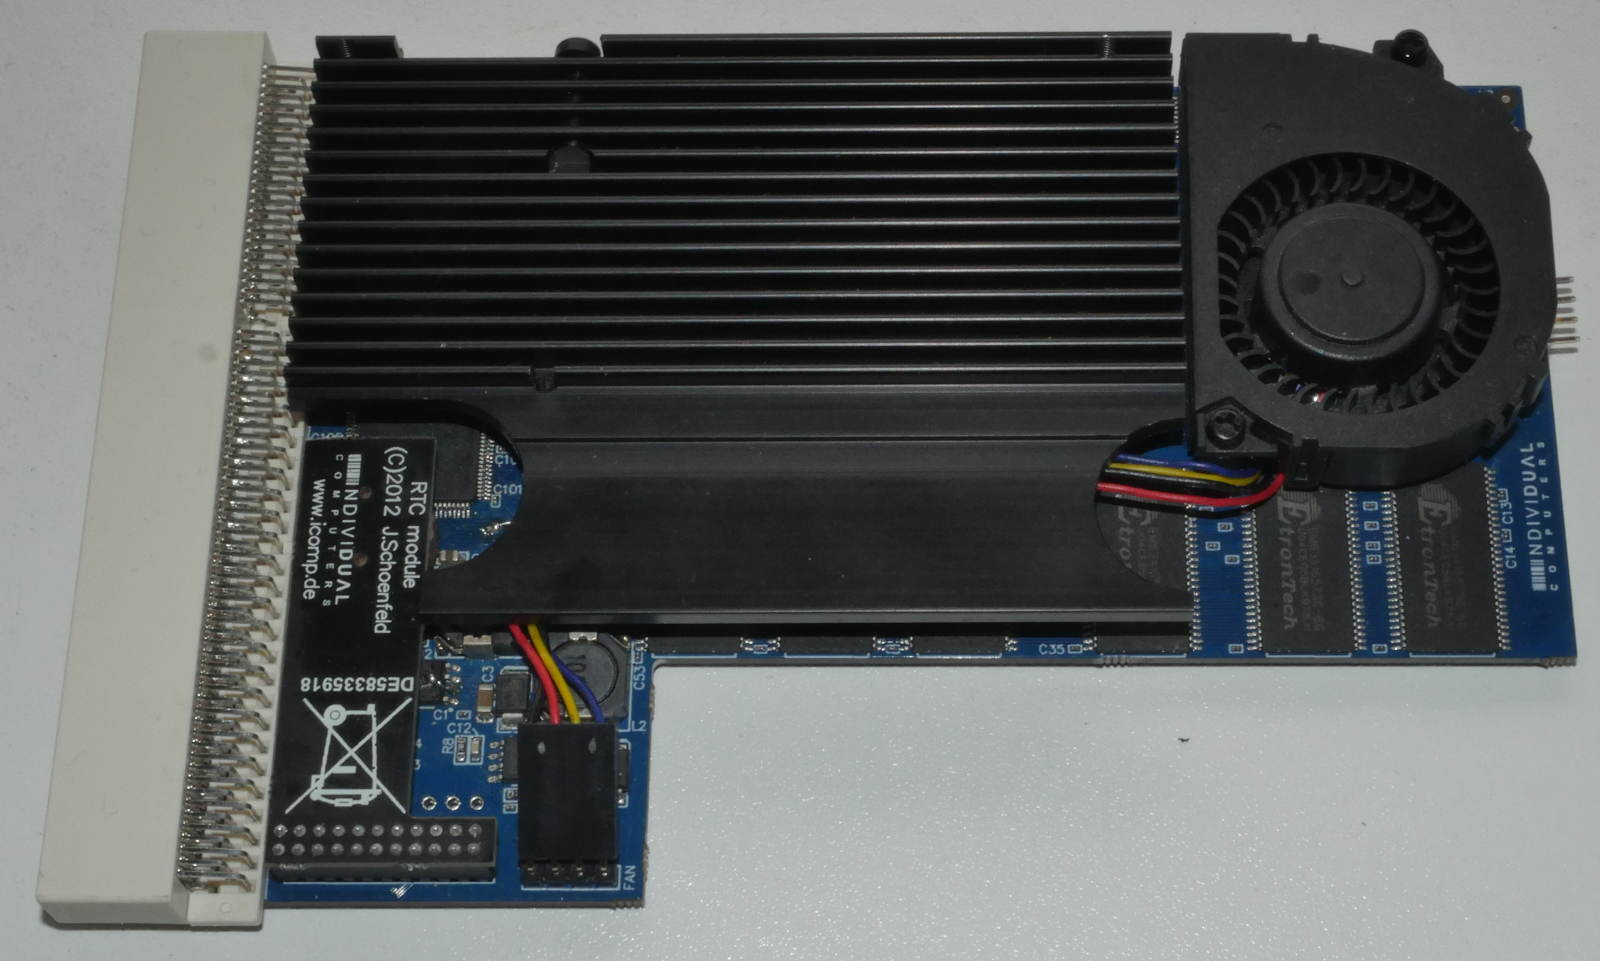 Klikněte na obrázek pro zobrazení větší verze  Název: ACA1260_prototype.JPG Zobrazeno: 51 Velikost: 117,5 KB ID: 9938